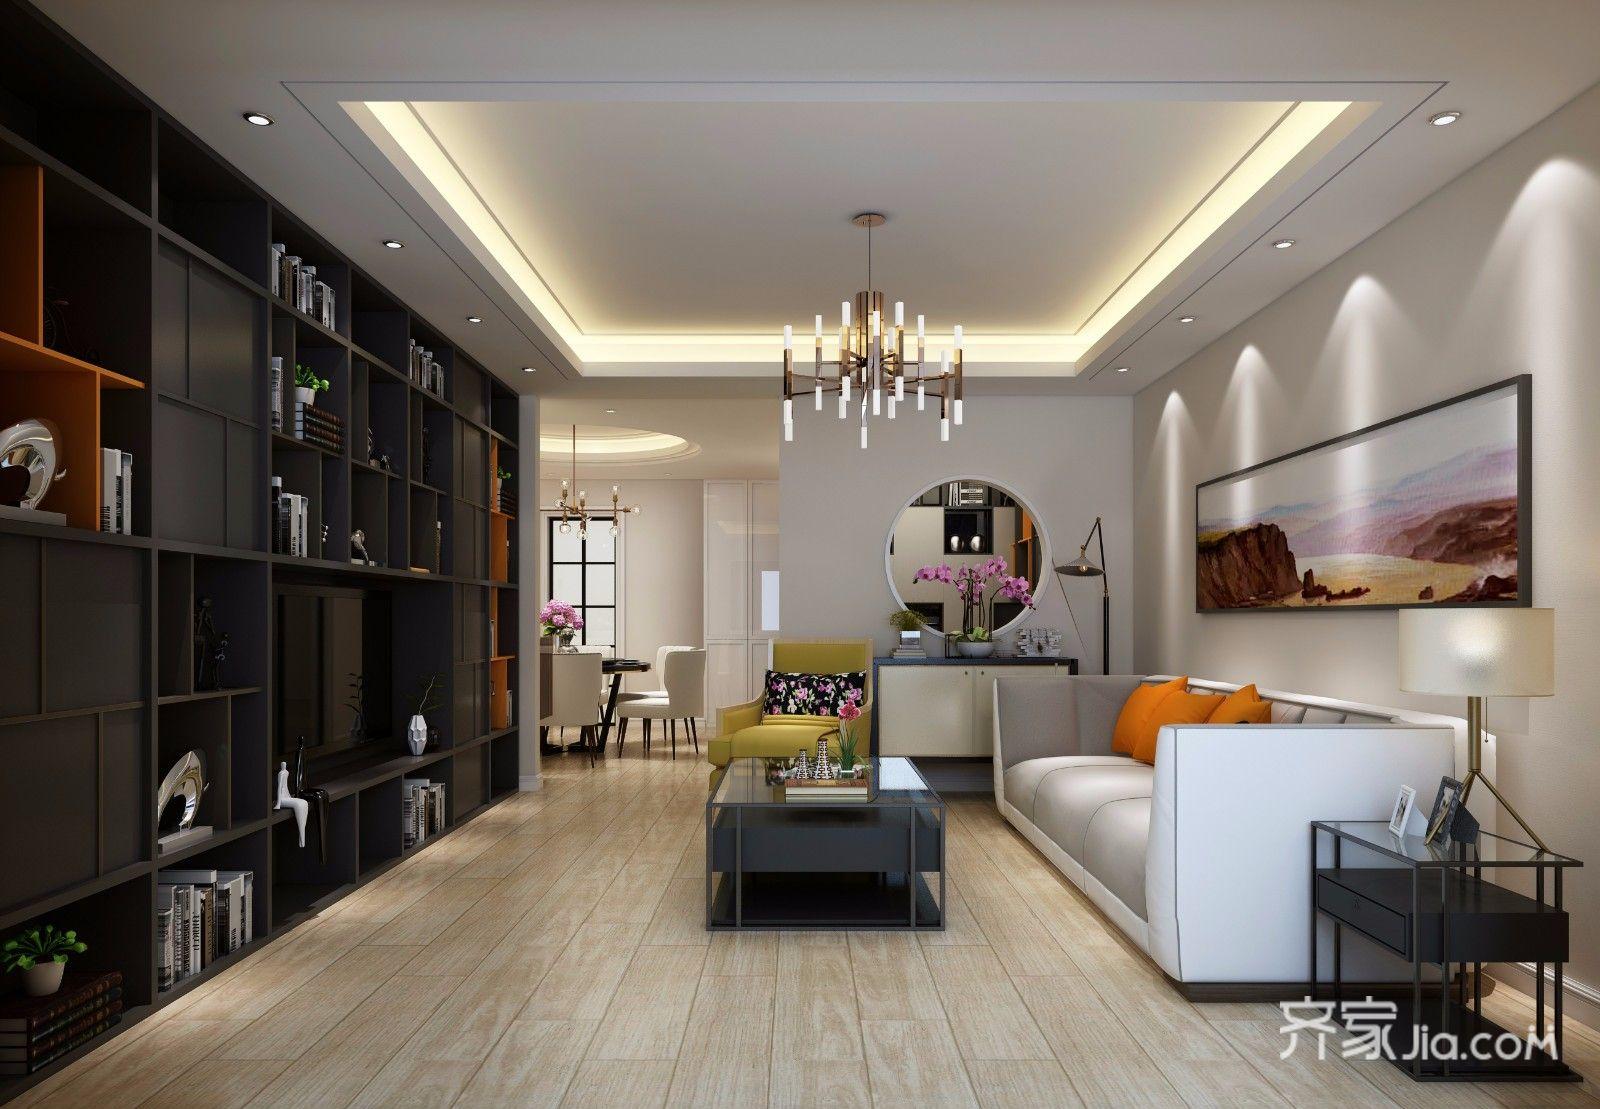 160㎡现代简约三居客厅装修效果图